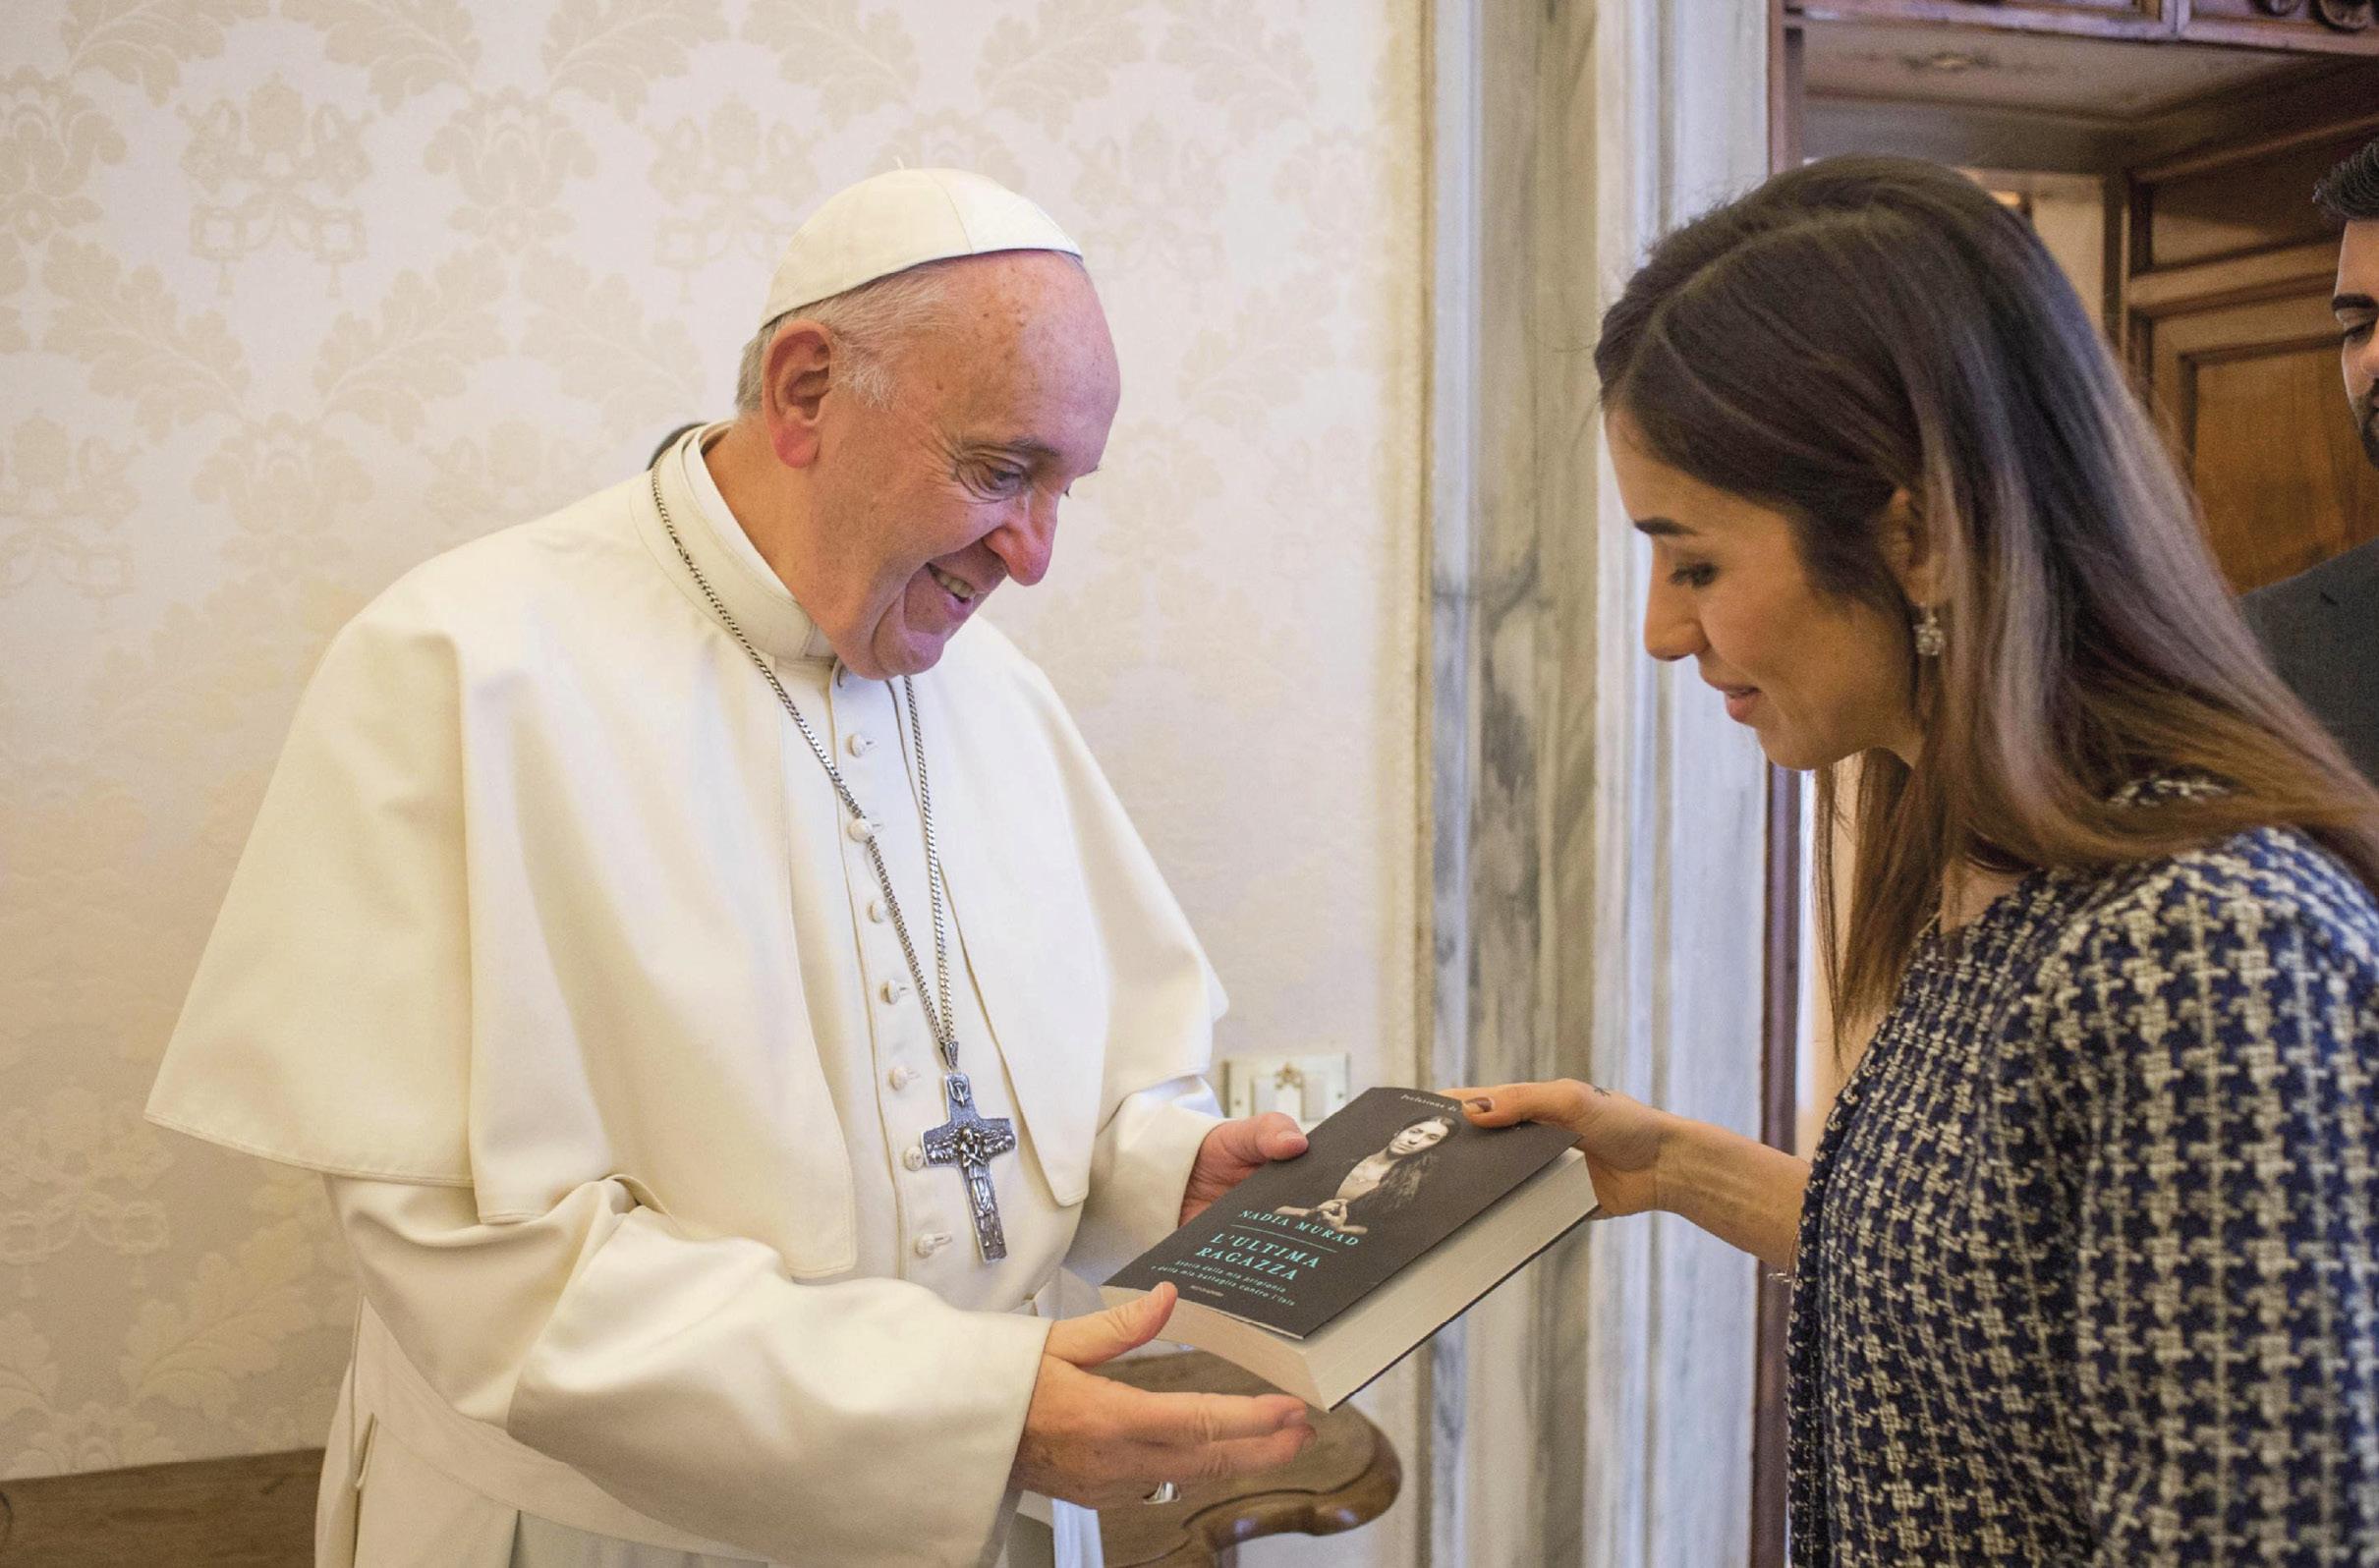 Encontro do Papa Francisco com Nadia Murad, ativista iraquiana yazidi, defensora dos direitos humanos e Prémio Nobel da Paz de 2018. Foto EPA/Vatican Media.